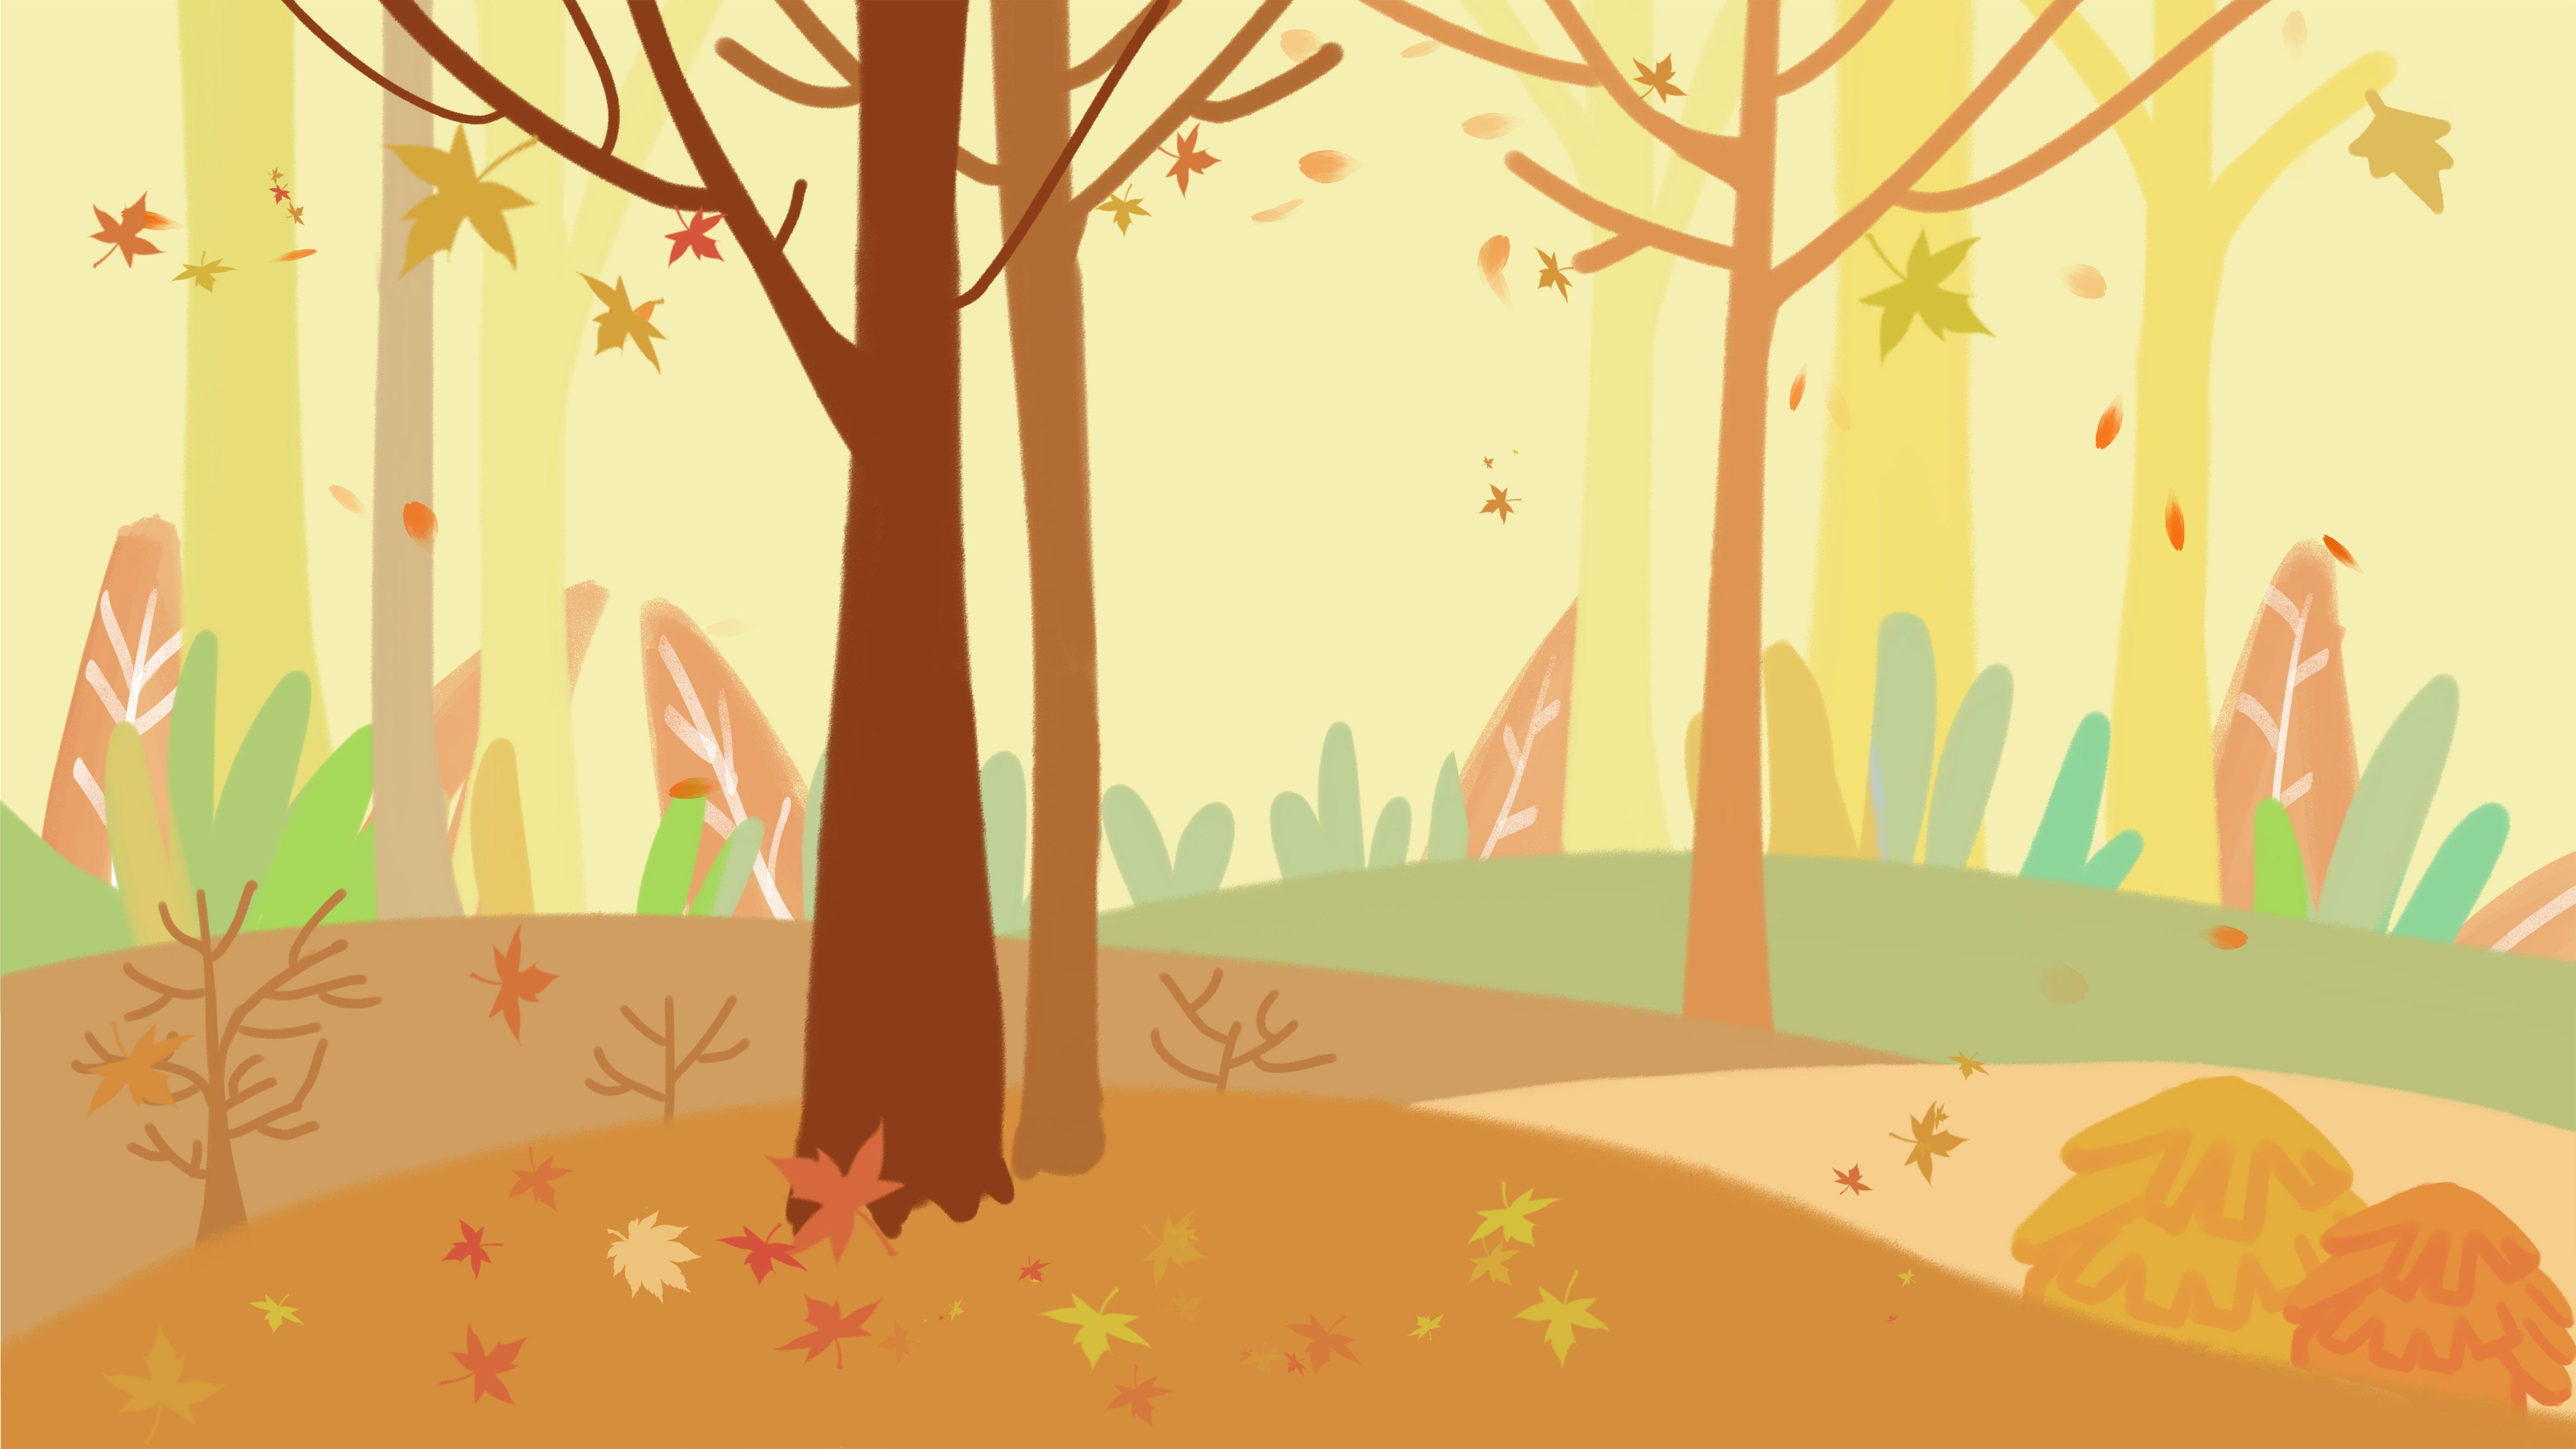 картинка для аппликации лес этом